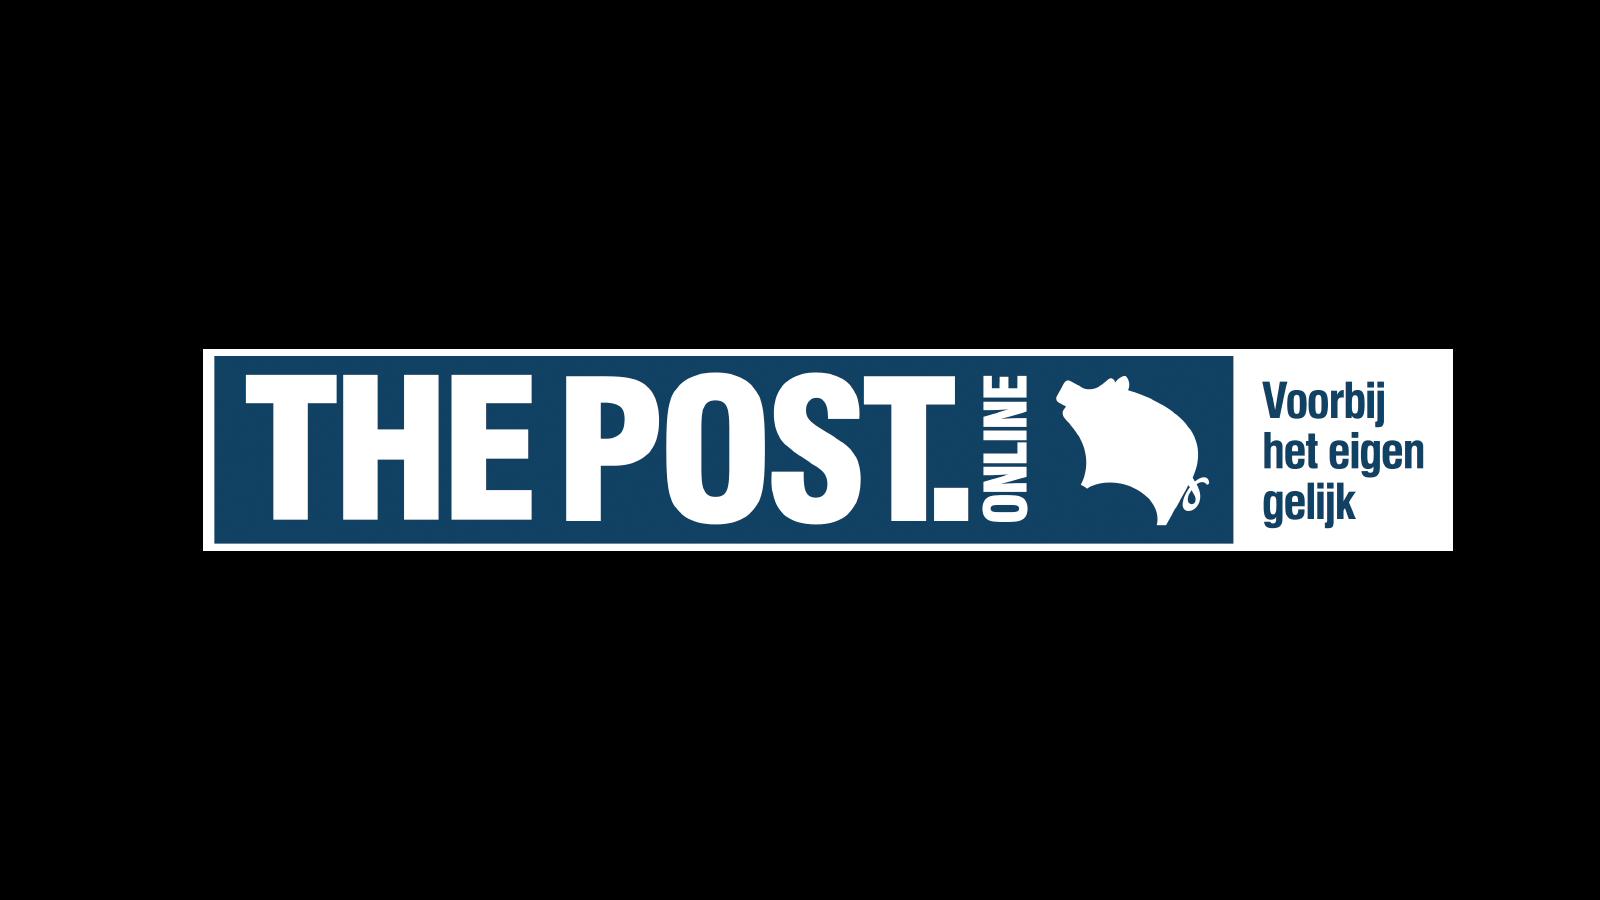 ThePostOnline